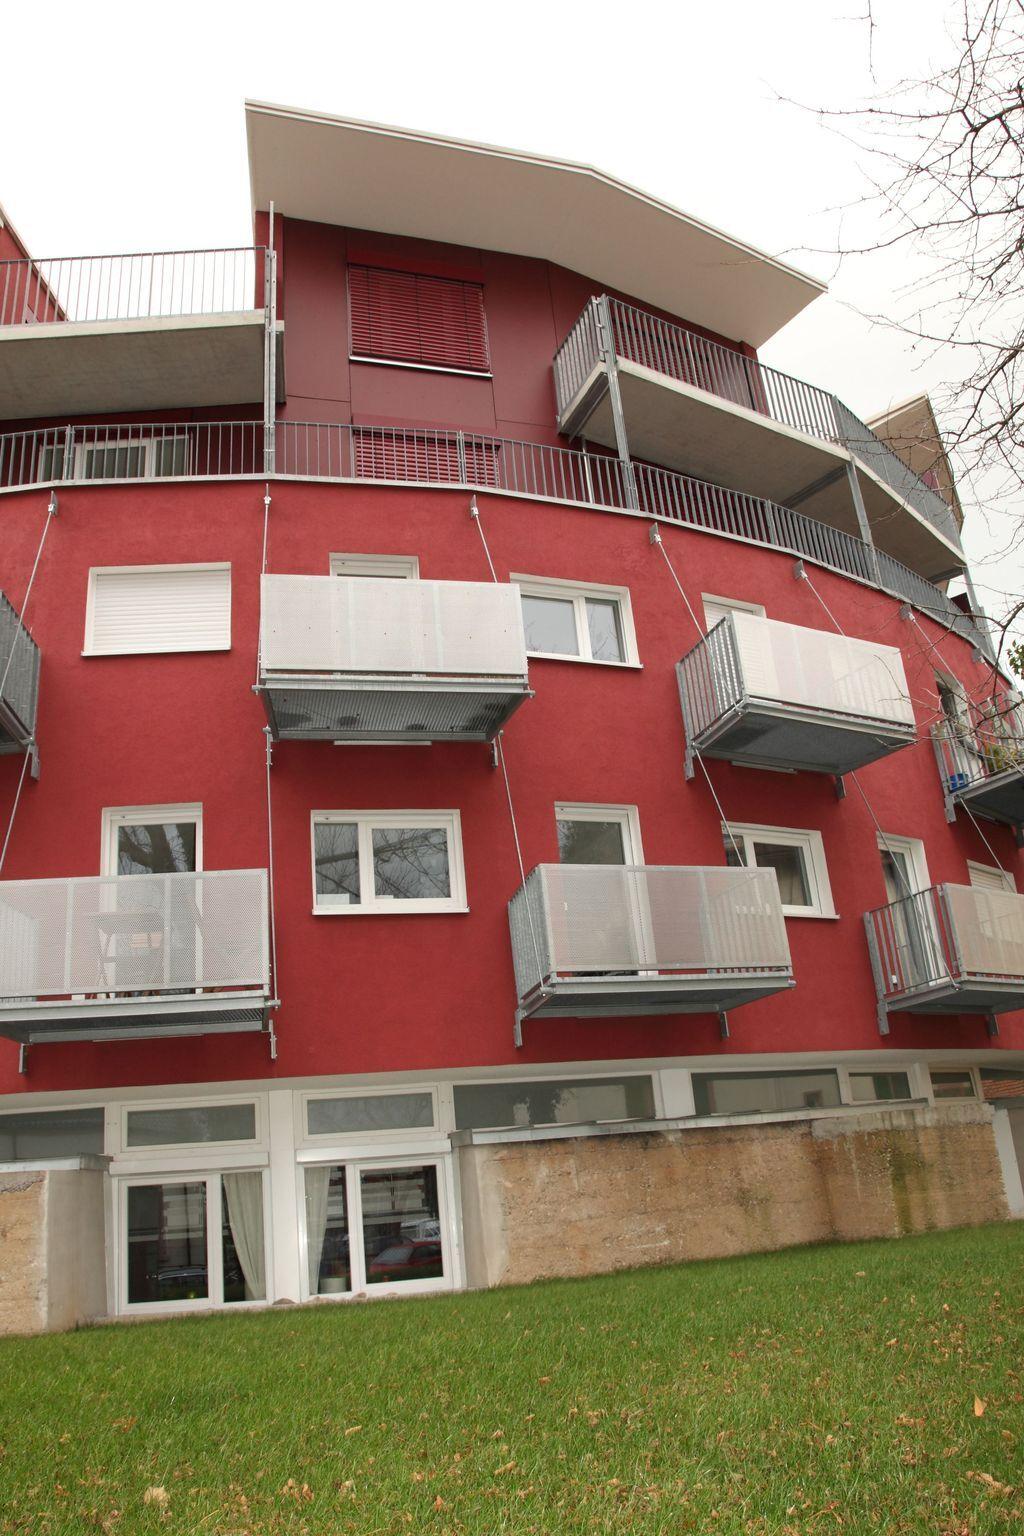 Appartements im Zylinder, Nichtraucher-Ferienwohnu